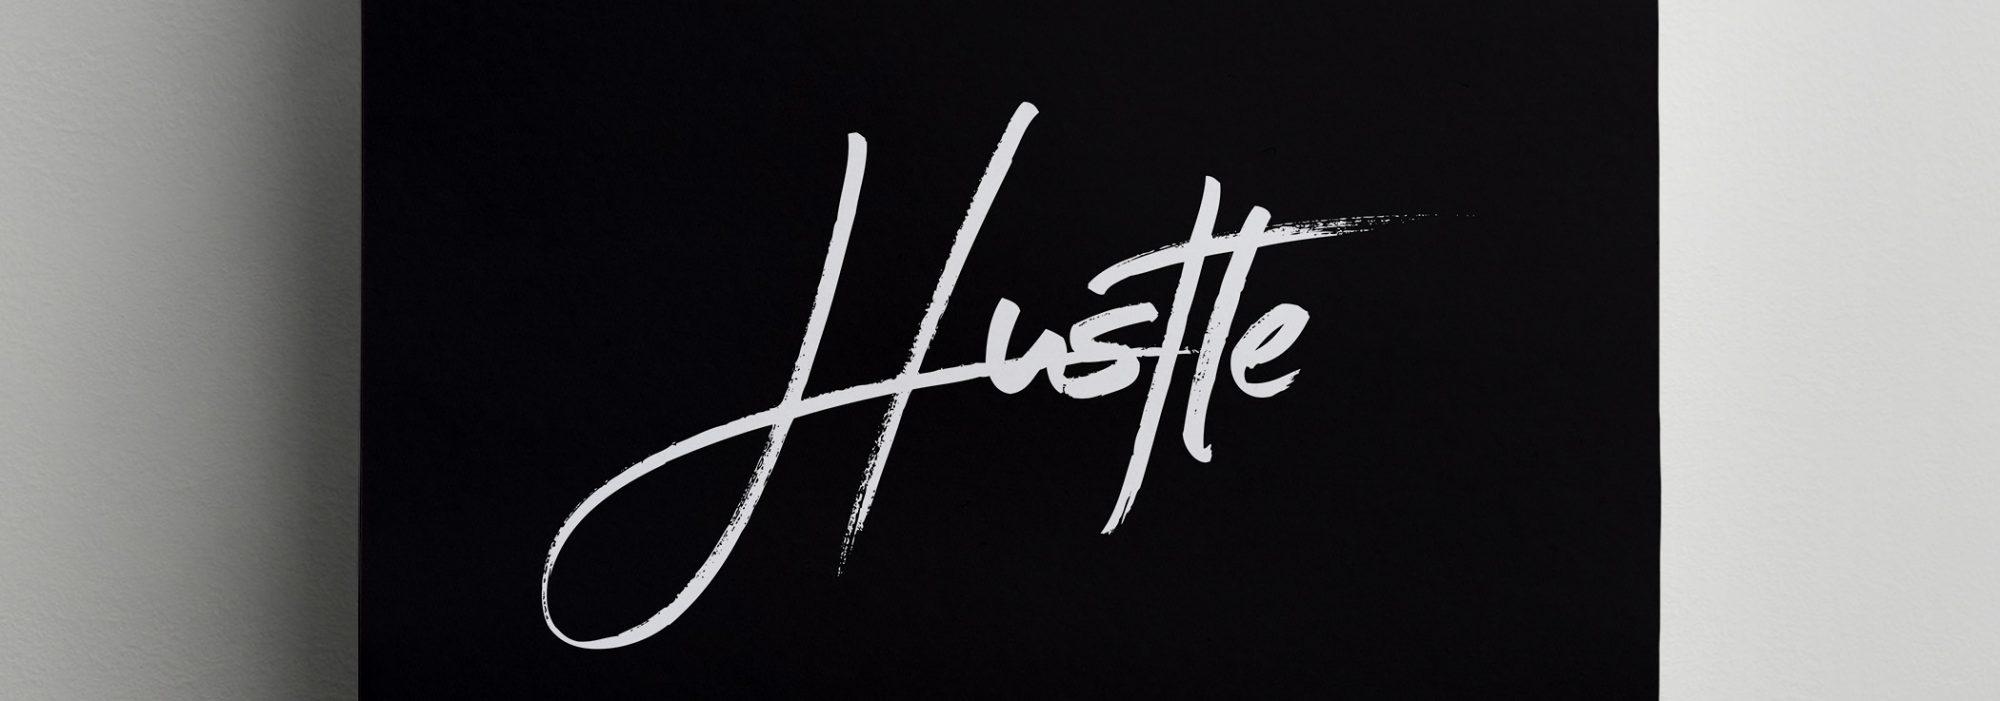 Hustle Palace